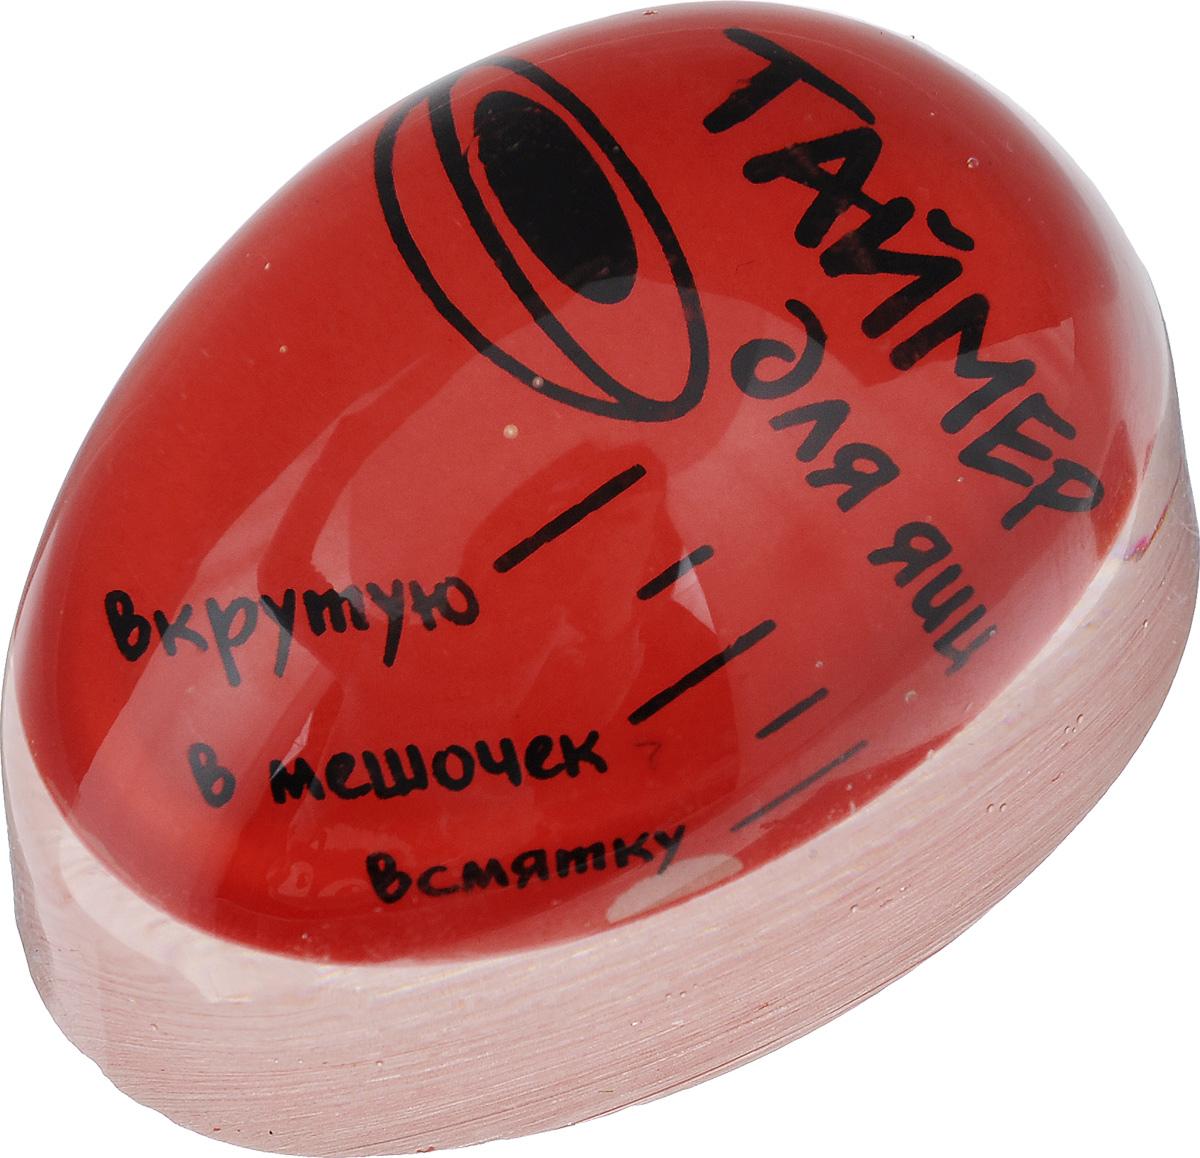 Таймер для варки яиц Miolla, цвет: красный1516044/1516044UТаймер для варки яиц Miolla поможет приготовить яйца в нужном вам виде.Изделиевыполнено из высококачественного пластика.Использовать таймер очень просто. Налейте в кастрюлю холодную воду, положитенеобходимое количество яиц,поместите туда таймер и поставьте на газовую плиту. В процессе варки таймер начнетизменять цвет от внешнего контура. Достижение контуром определенного деления(всмятку, в мешочек, вкрутую) означает соответствующую степень готовности яиц.Оригинально и просто!